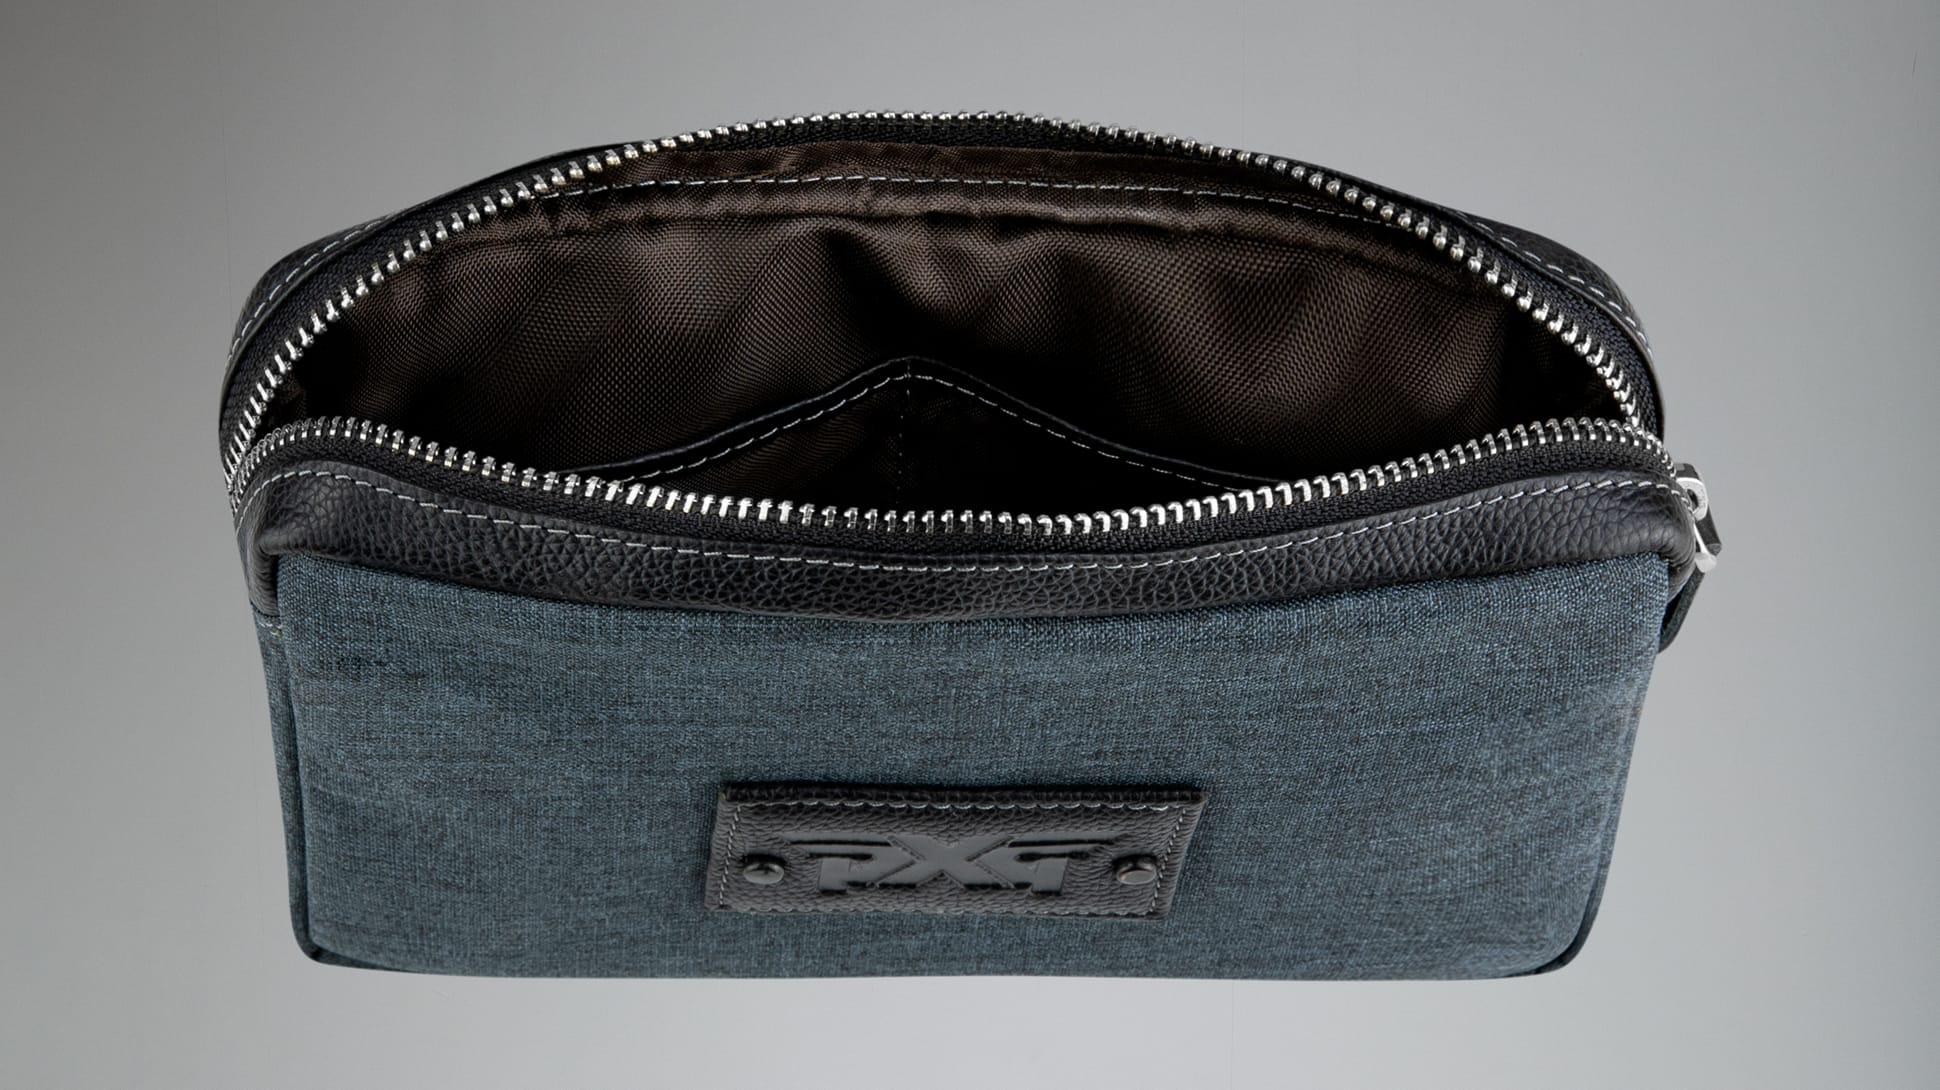 Cash Bag Image 2